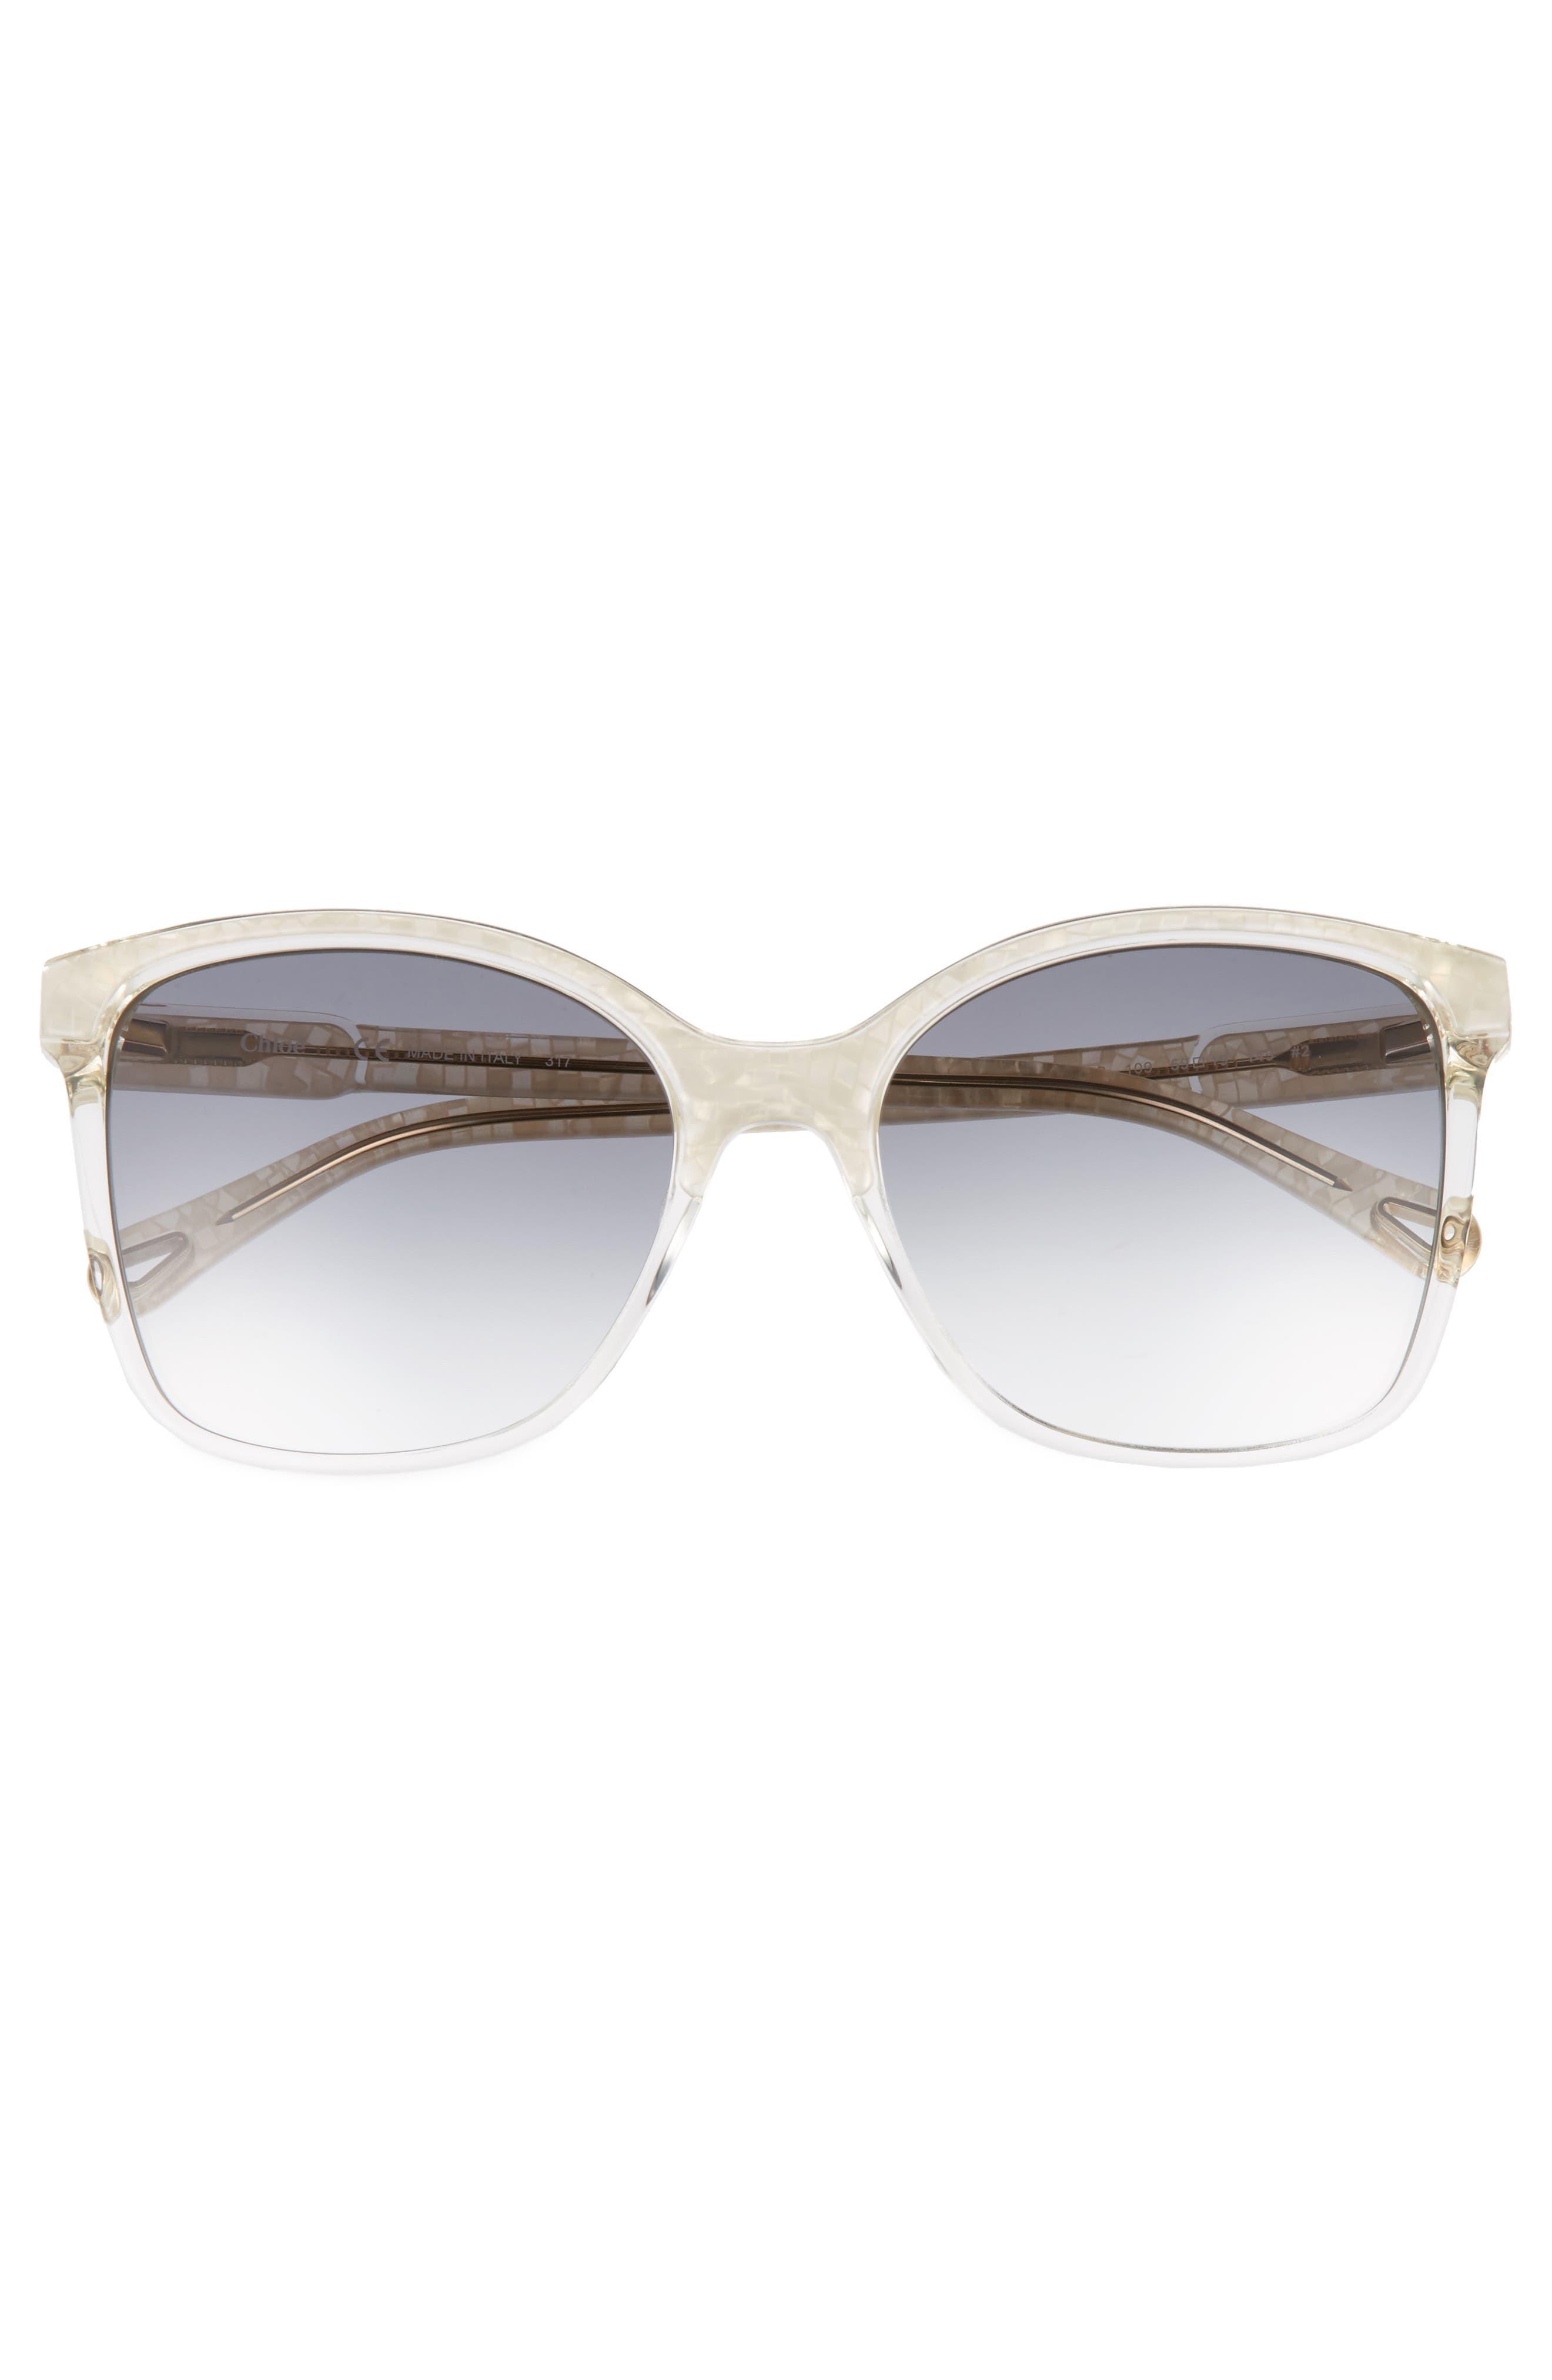 Alternate Image 3  - Chloé 59mm Brow Bar Sunglasses